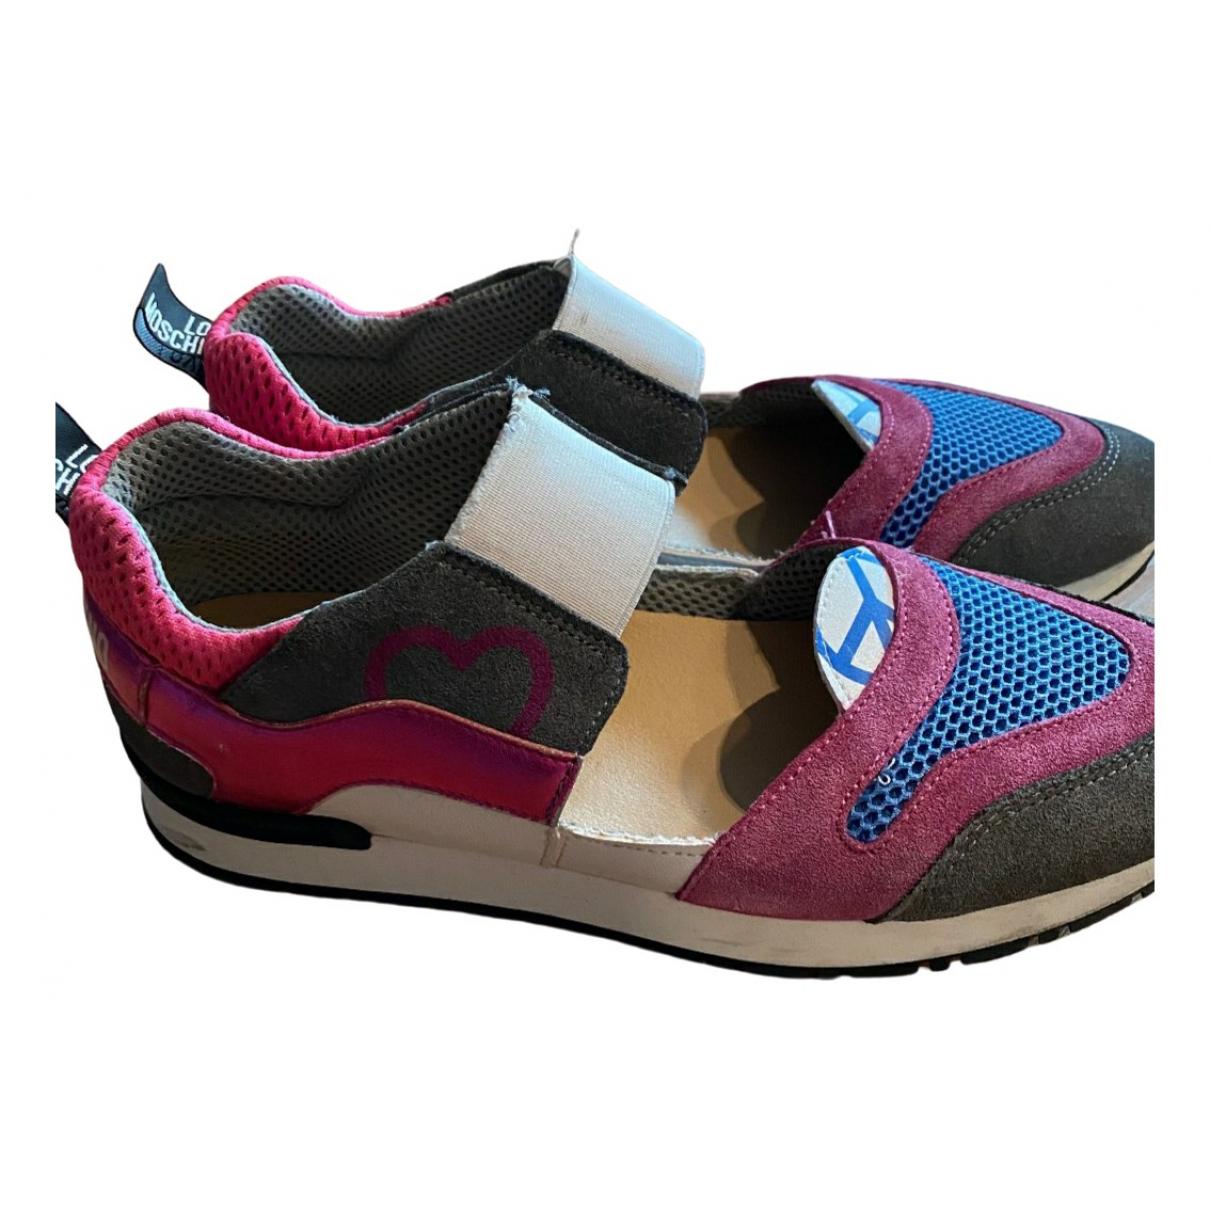 Moschino Love - Baskets   pour femme en cuir - multicolore